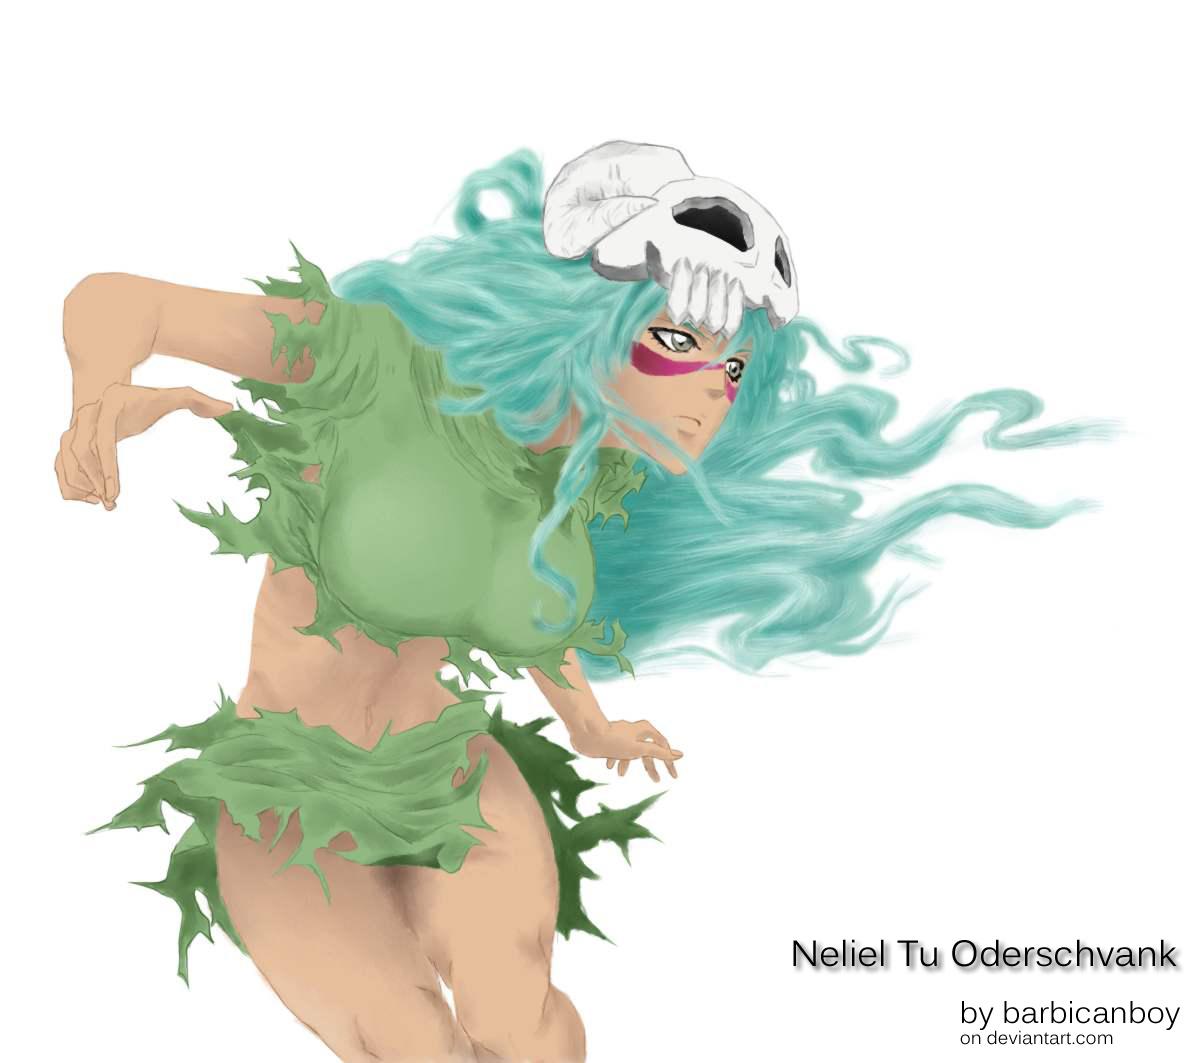 Neliel Tu Oderschvank Wallpaper: Nelliel Tu Odelschwanck 22 Fan Arts